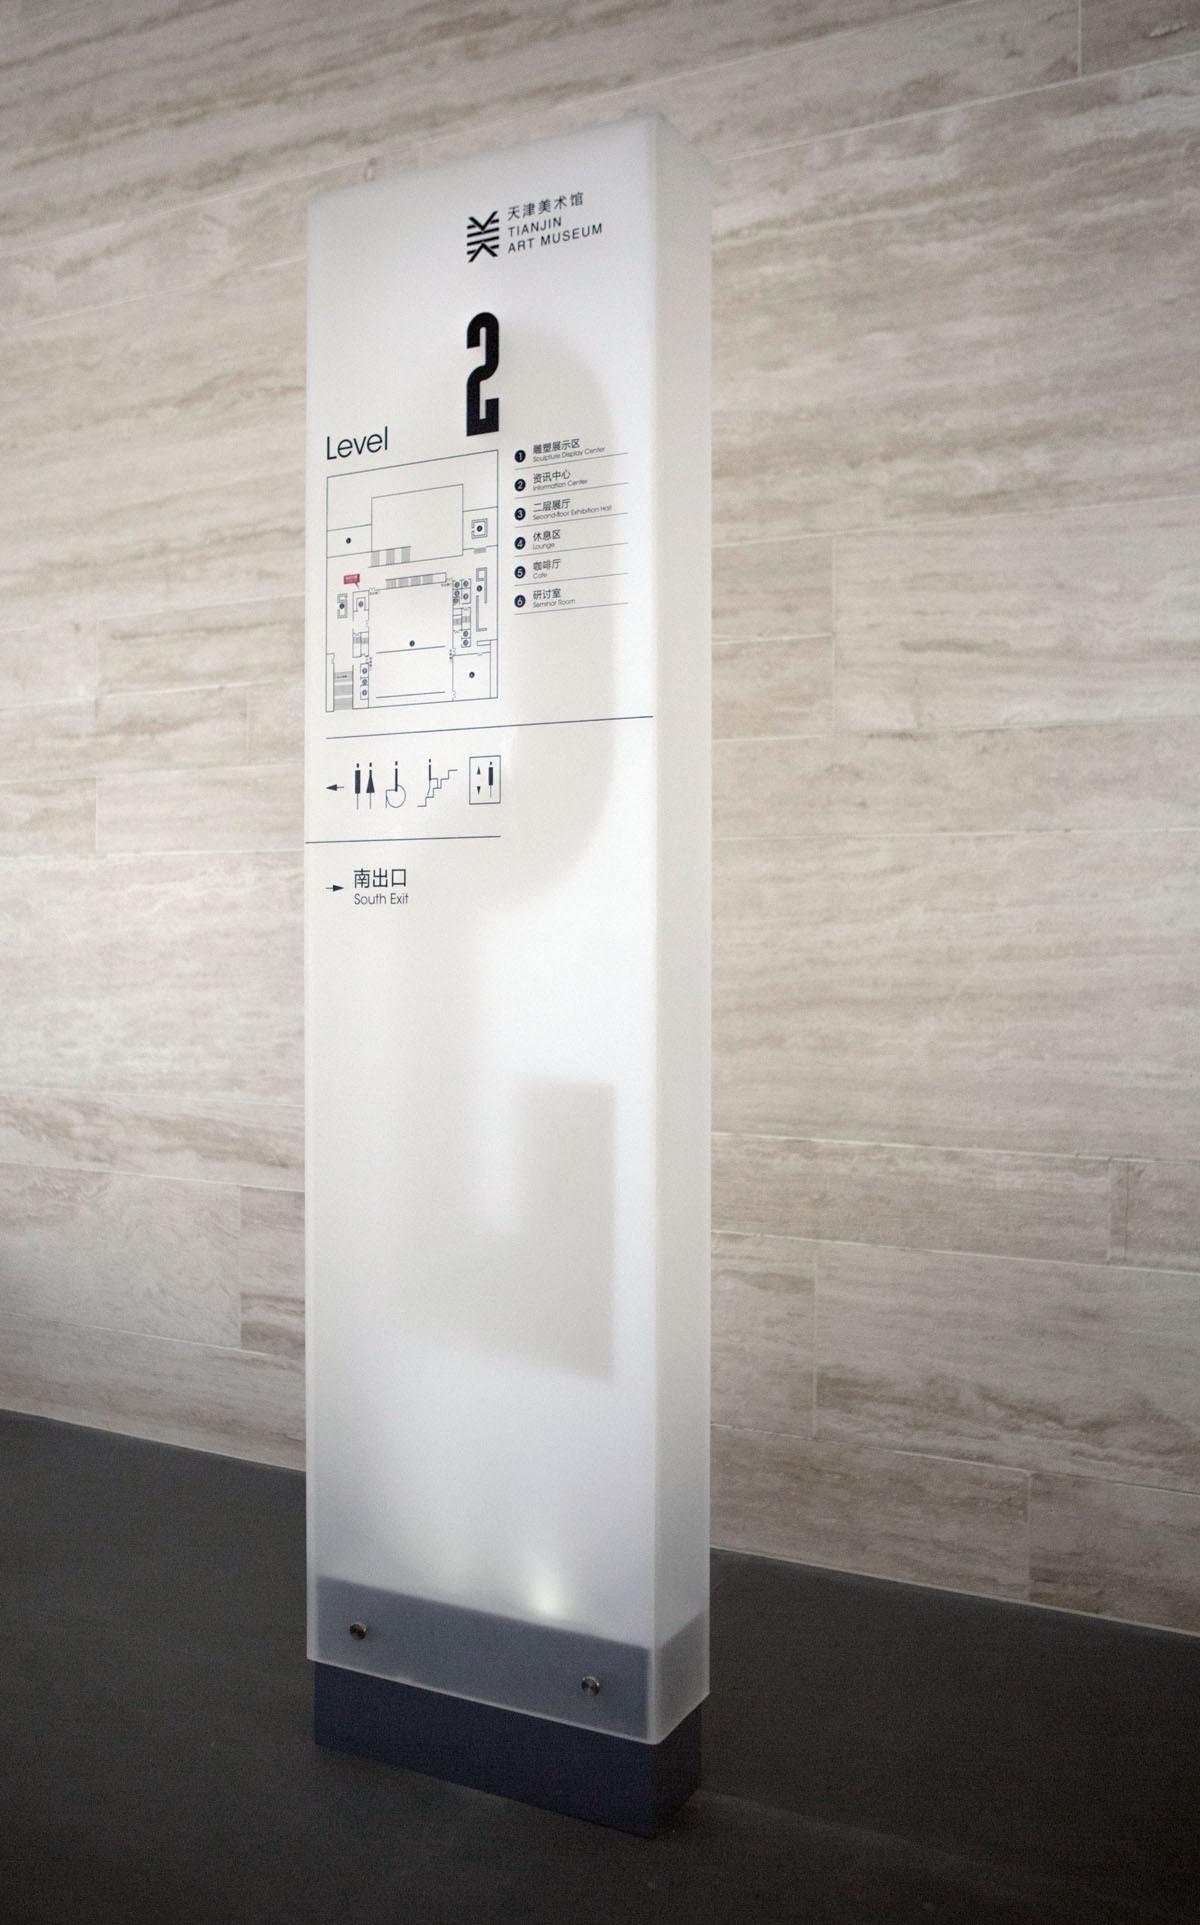 落地工程天津美术馆展览展示空间制作应用场景_4